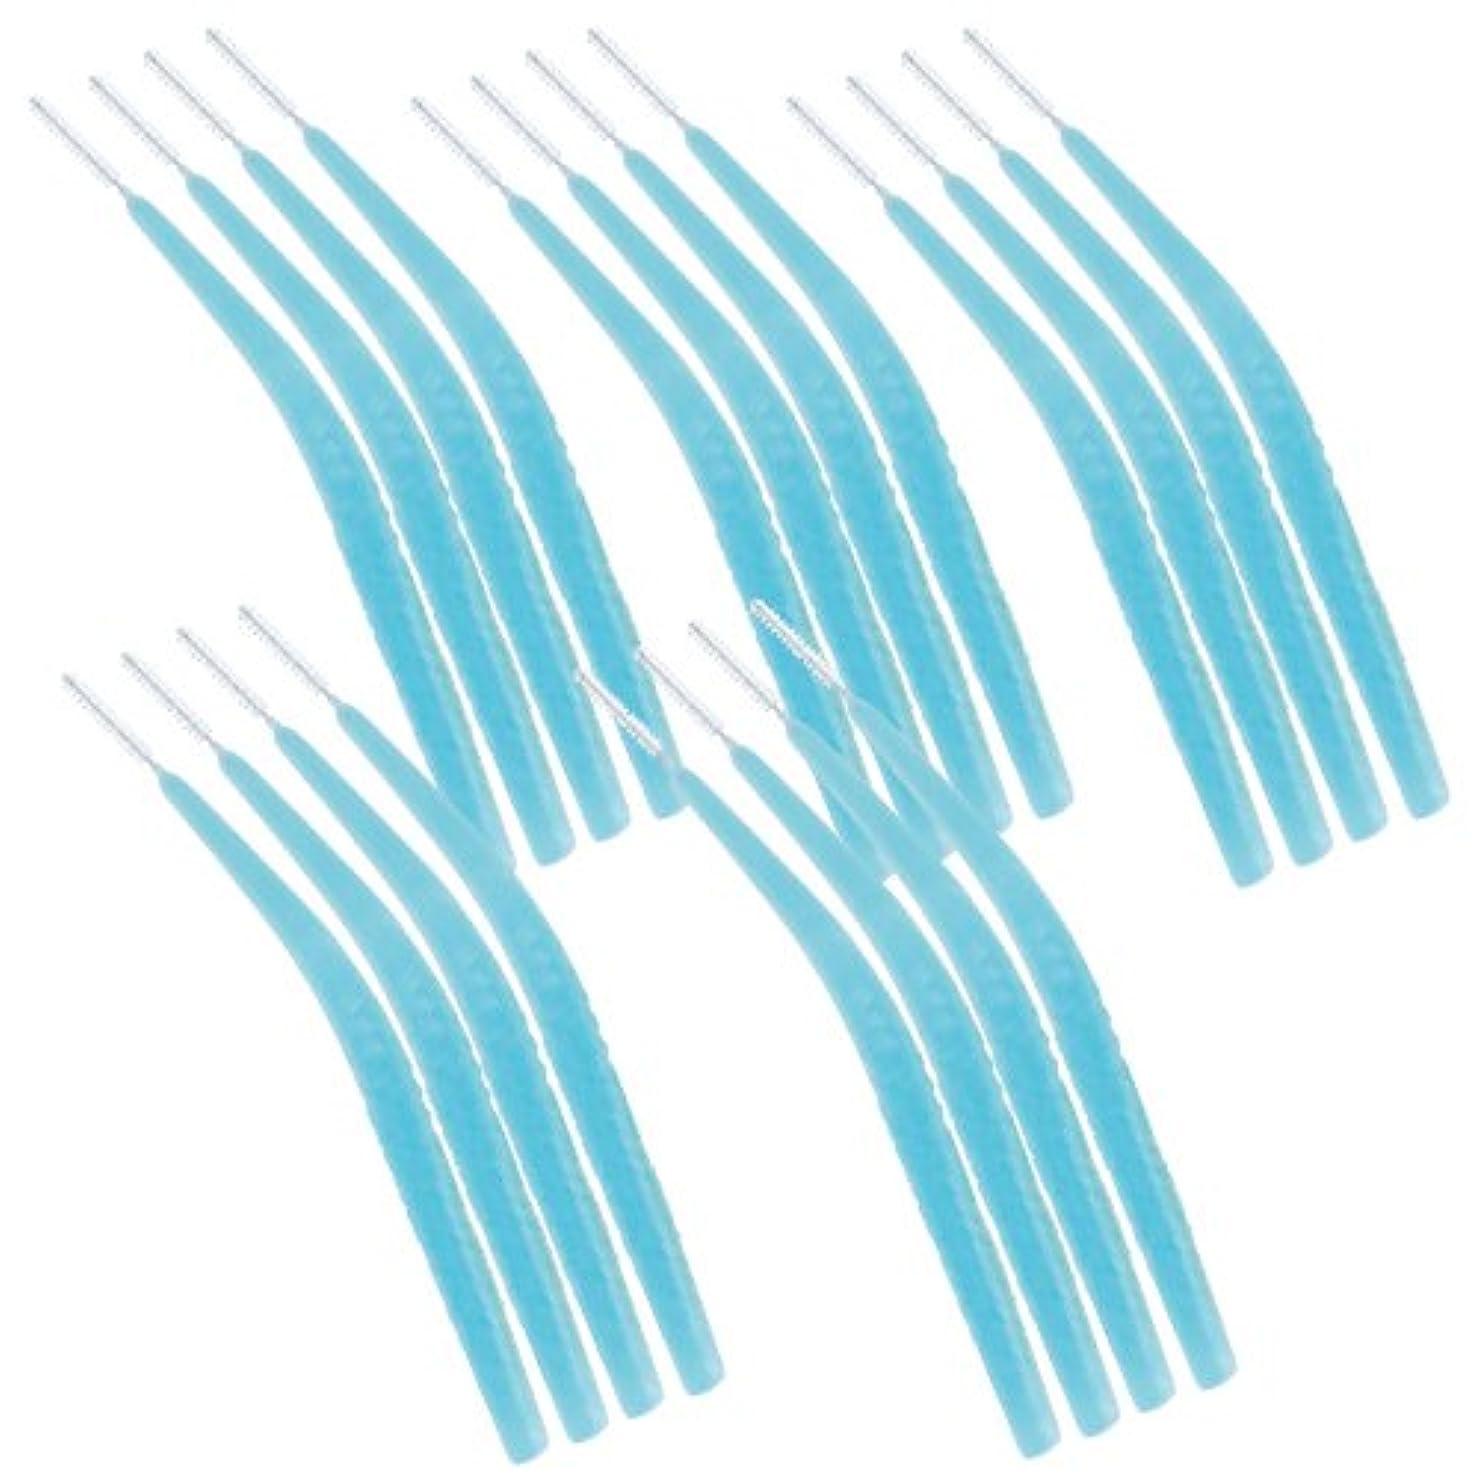 暴露する少し十分にプロスペック 歯間ブラシ カーブアクア 4本入 × 5パック SS アクアブルー